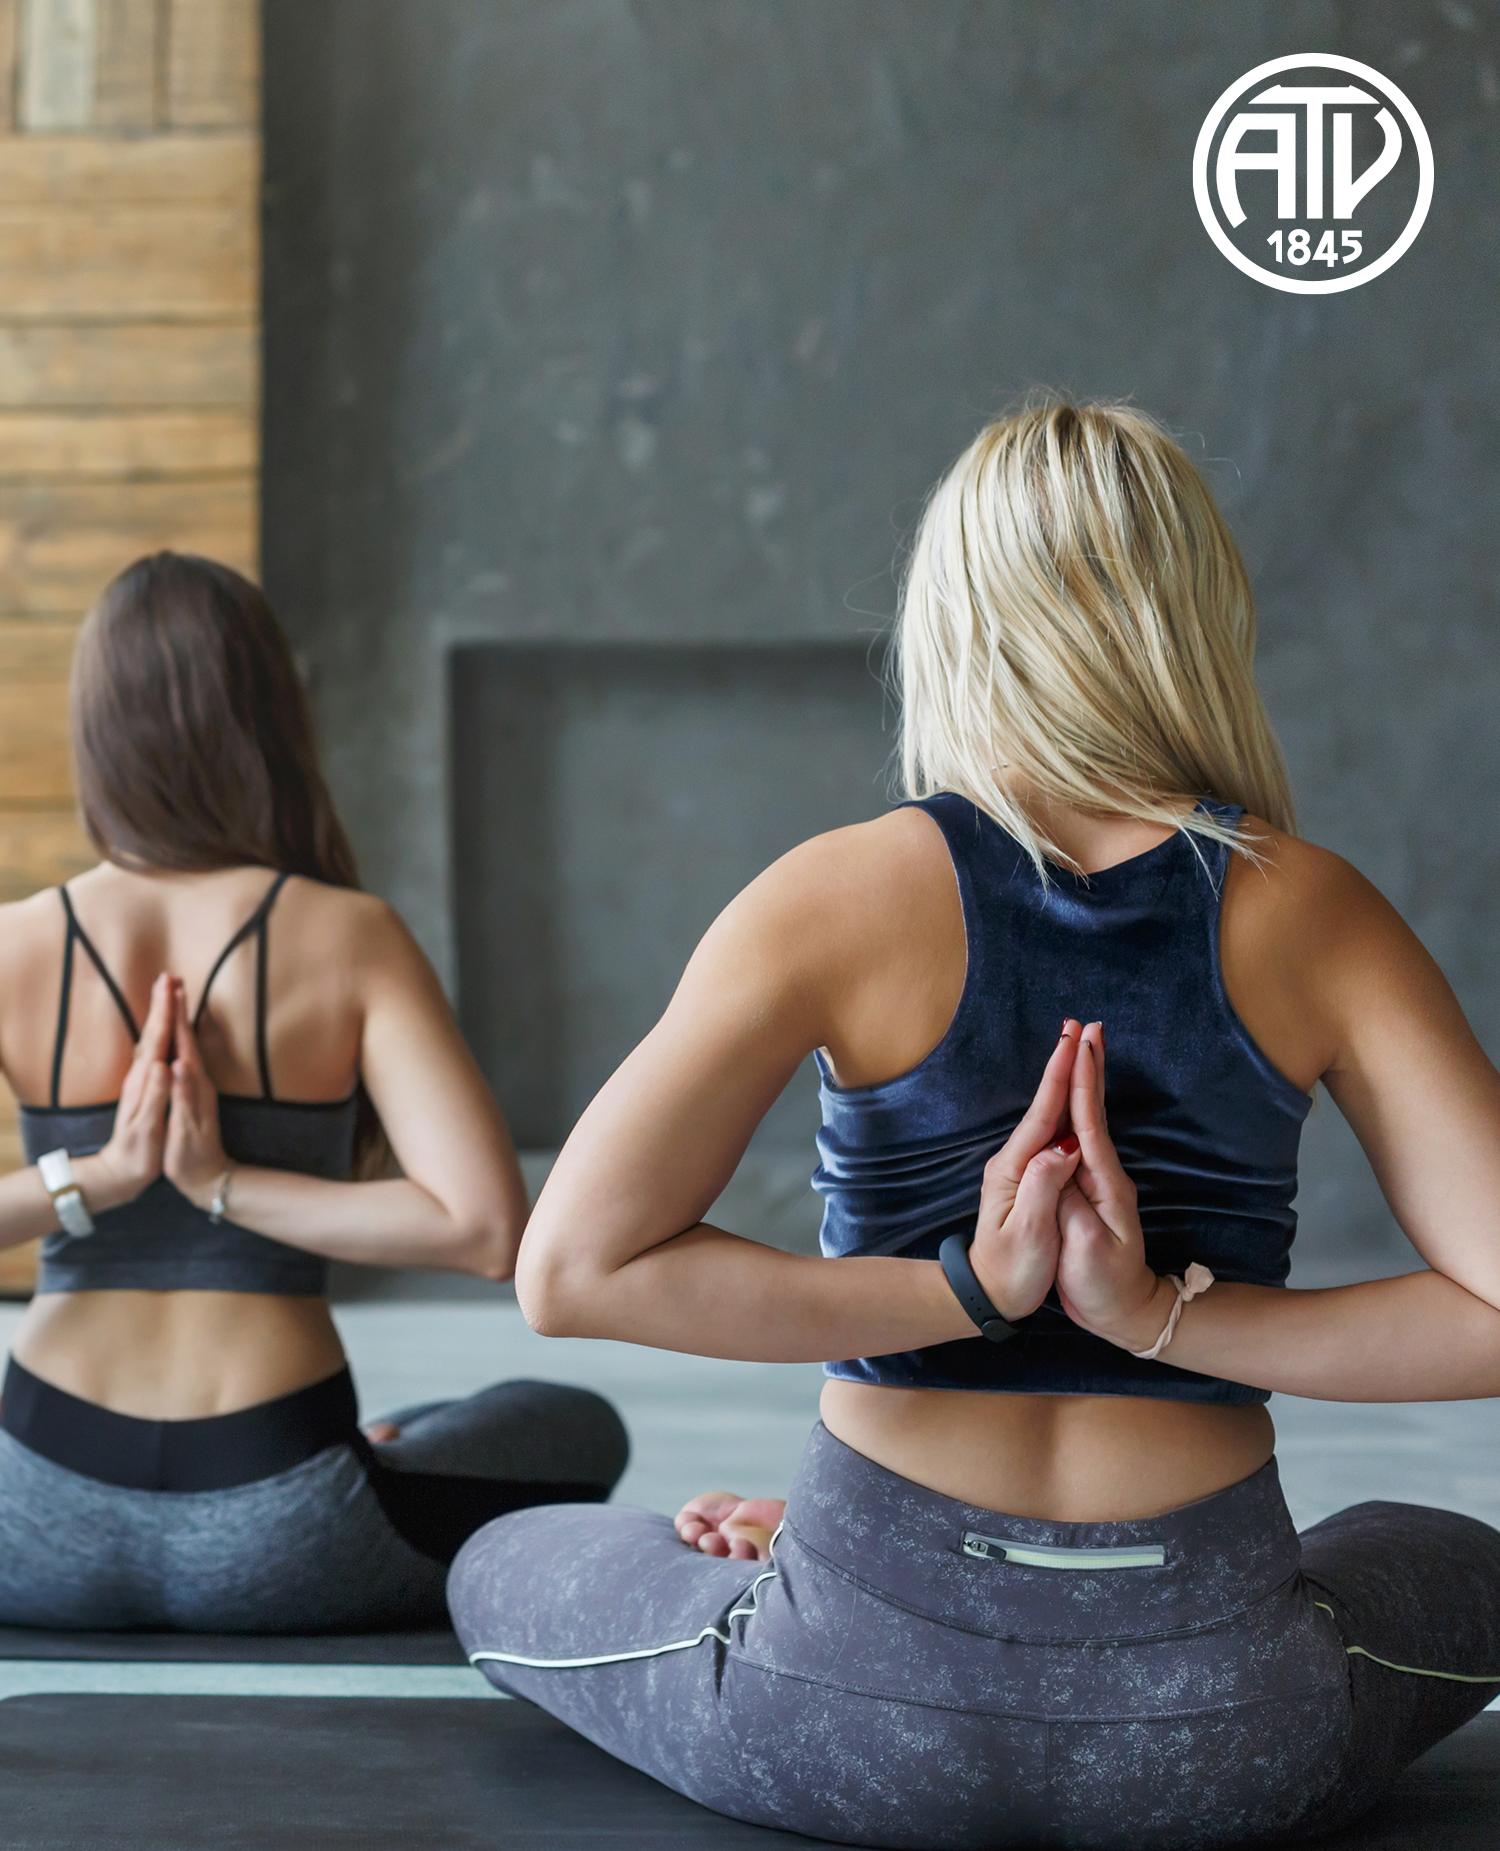 """Liebe Mitglieder,  im Rahmen der """"Gesundheitsförderung in Altona-Altstadt"""", bietet der Altonaer Turnverband, mit Unterstützung der Techniker Krankenkasse (TK), den Kurs """"Yoga und Entspannung für Frauen"""" an.  Mit sanften Yogaübungen beginnen wir die Kursstunde, um uns auf die Entspannung einzustellen.  Verschiedene Entspannungstechniken wie z.B. Bodyscan oder Progressive Muskelentspannung schärfen unsere Sinne und lassen uns den Stress des Alltags vergessen. Atemtechniken leiten uns von der Entspannung zu einer abschließenden Meditation in der Stille. Für diesen Kurs ist keine Mitgliedschaft im ATV erforderlich.   Wir freuen uns auf Eure Teilnahme und wünschen Euch viel Spaß mit diesem Kursangebot.  Euer ATV-Team"""